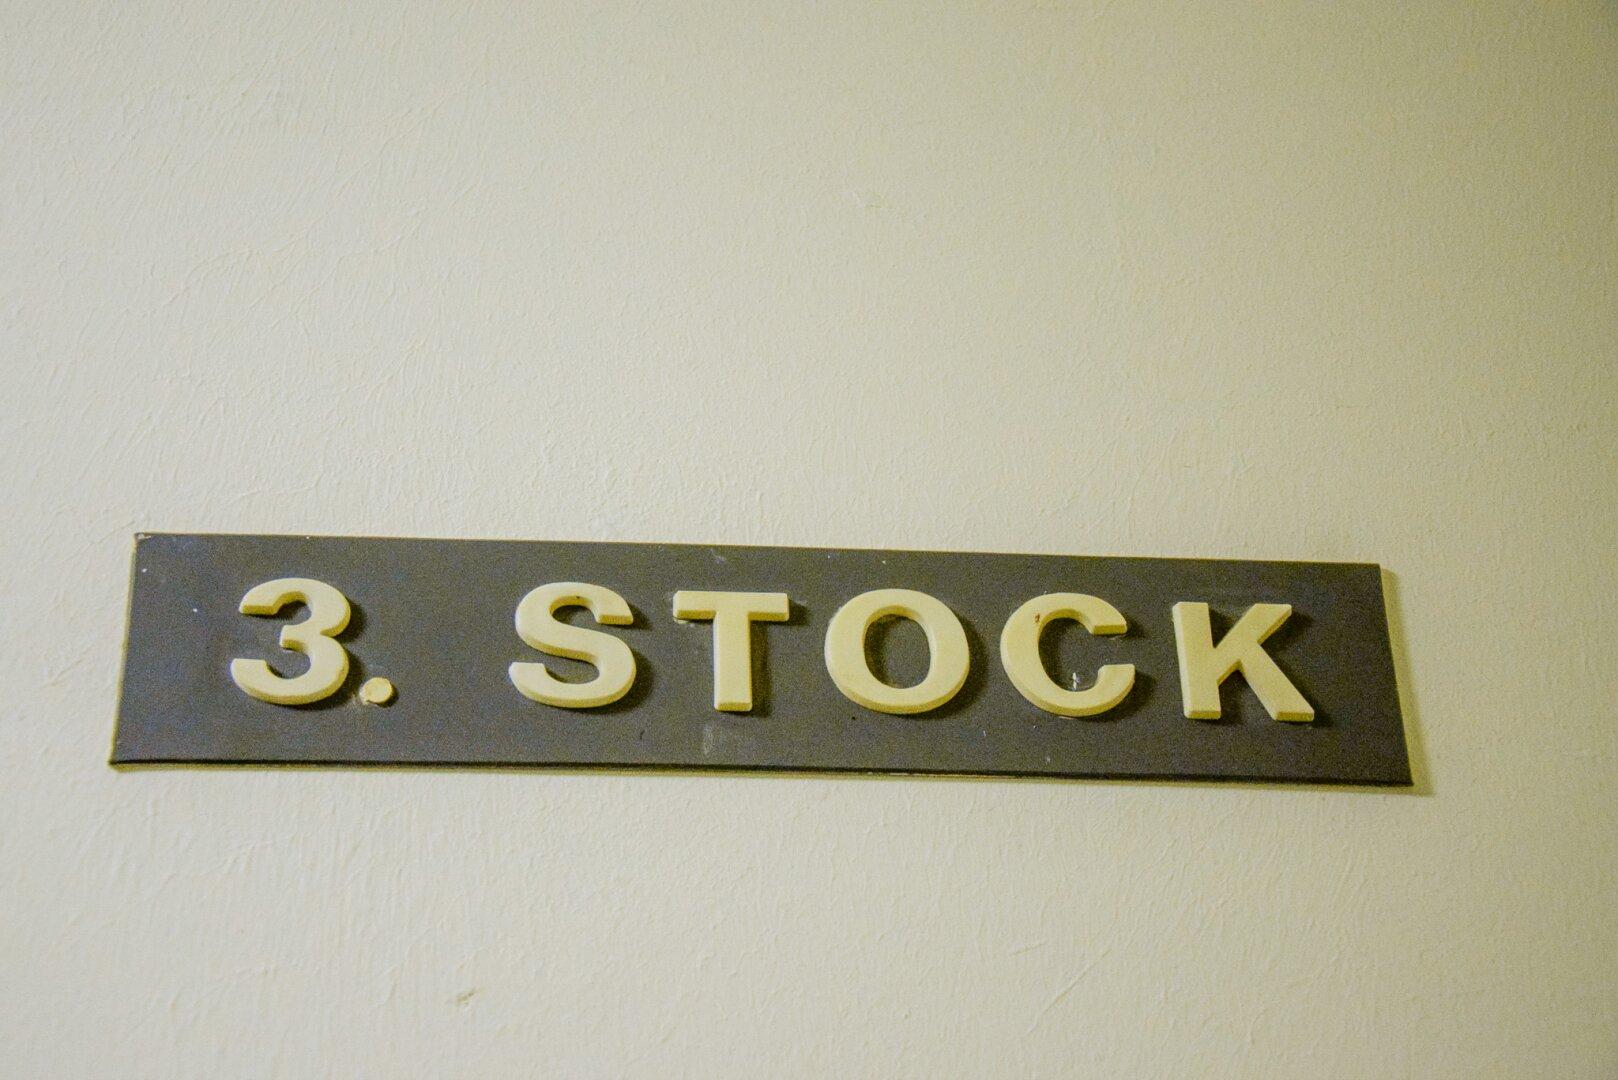 3. Stock